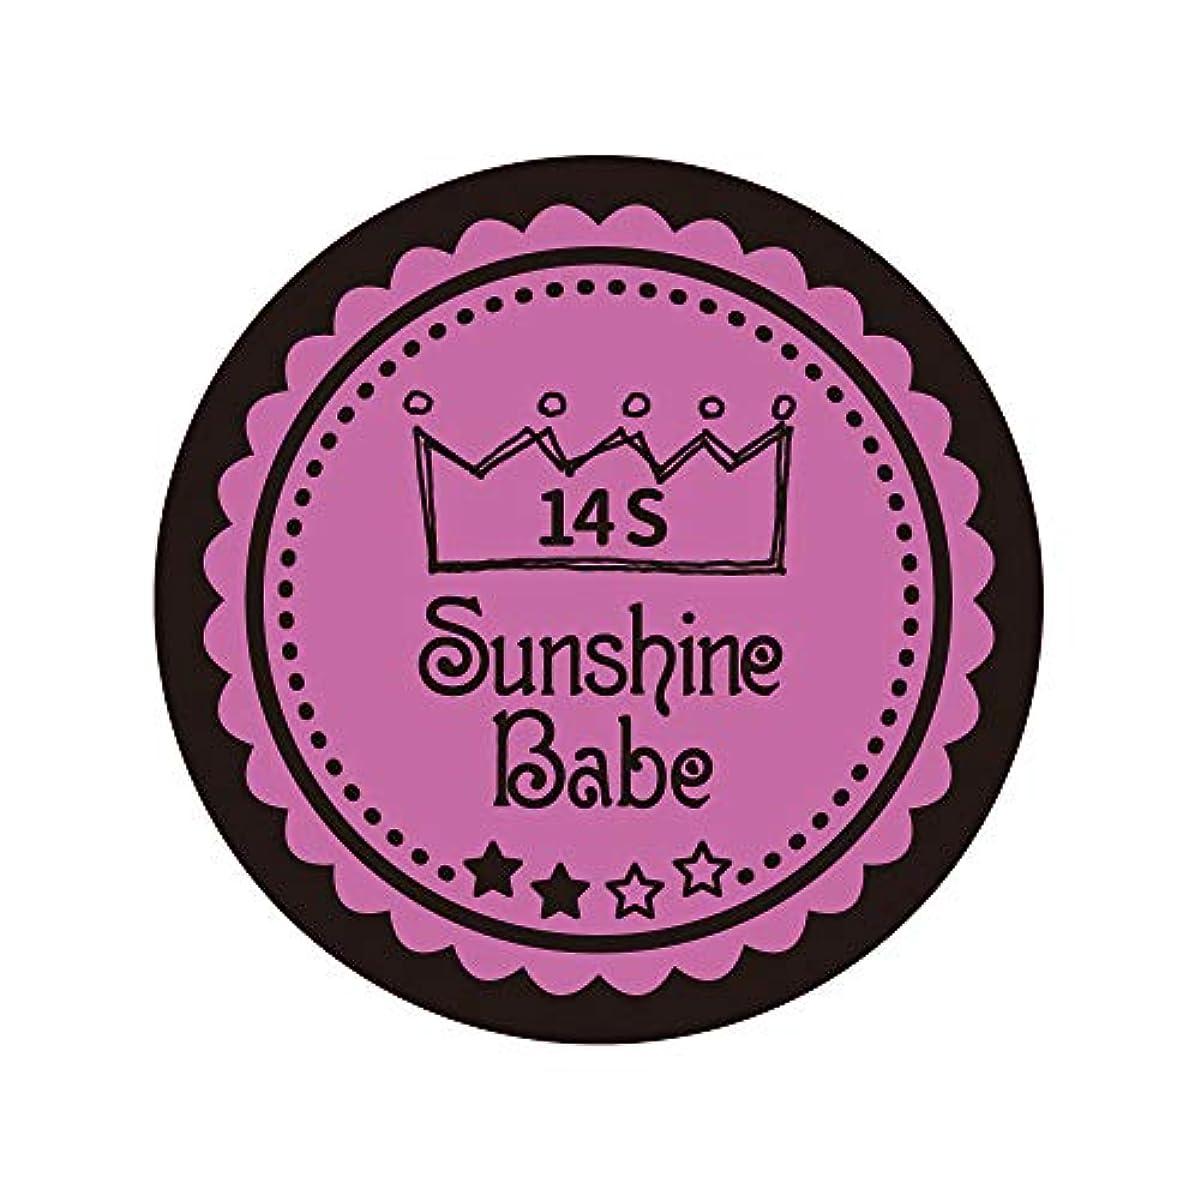 土砂降りダンプ侵略Sunshine Babe カラージェル 14S スプリングクロッカス 2.7g UV/LED対応